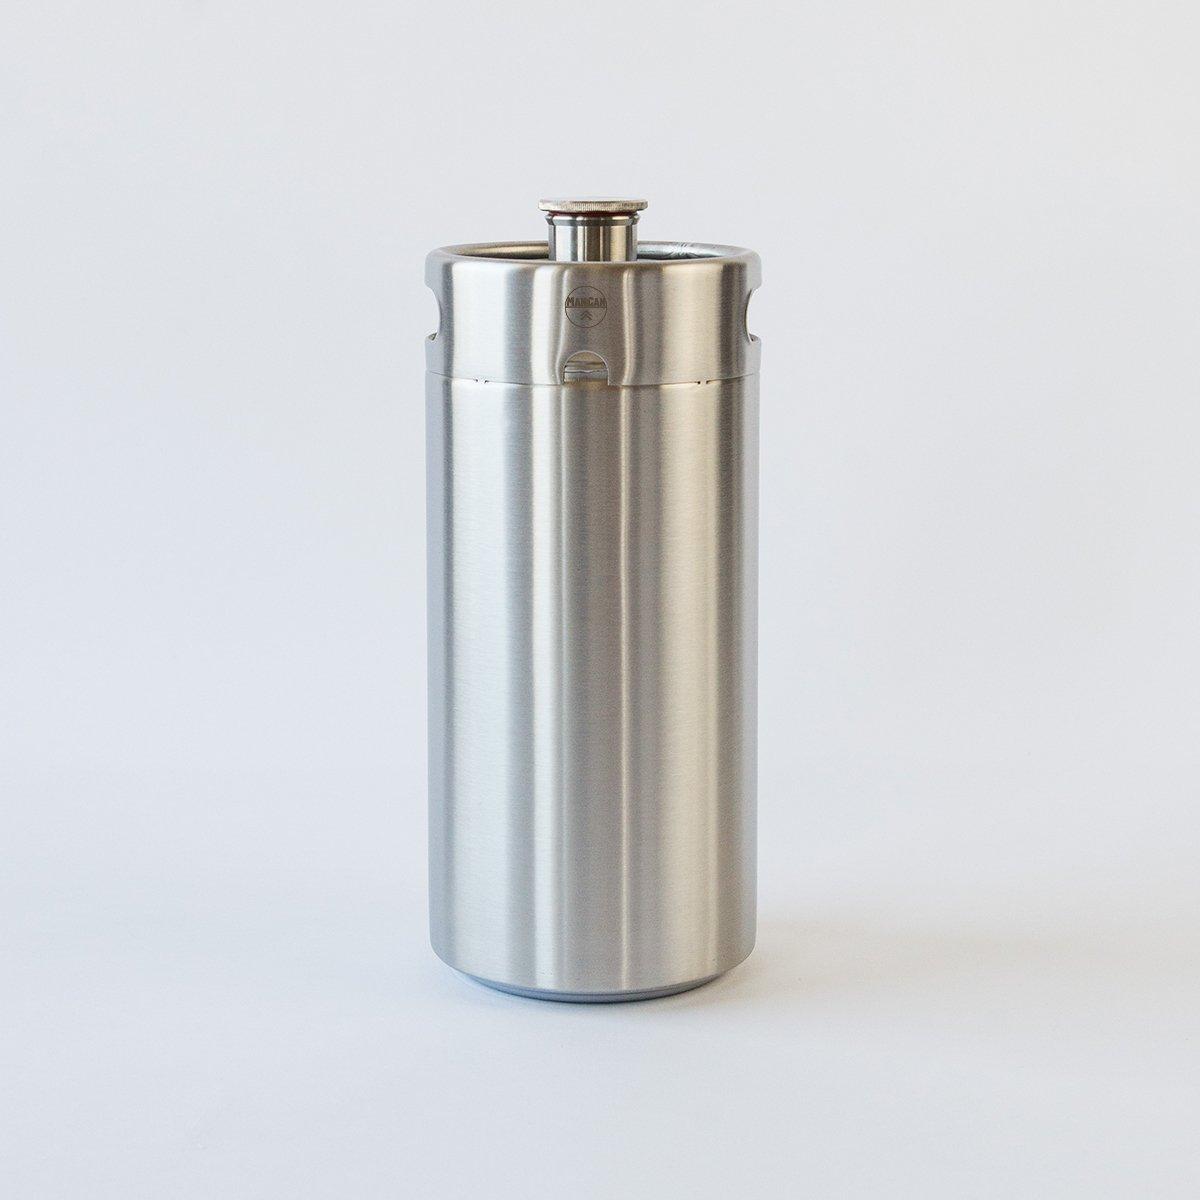 ManCan Picnic Keg | 128 oz. Stainless Steel Keg-style Growler MANCAN UNIVERSE INC 008